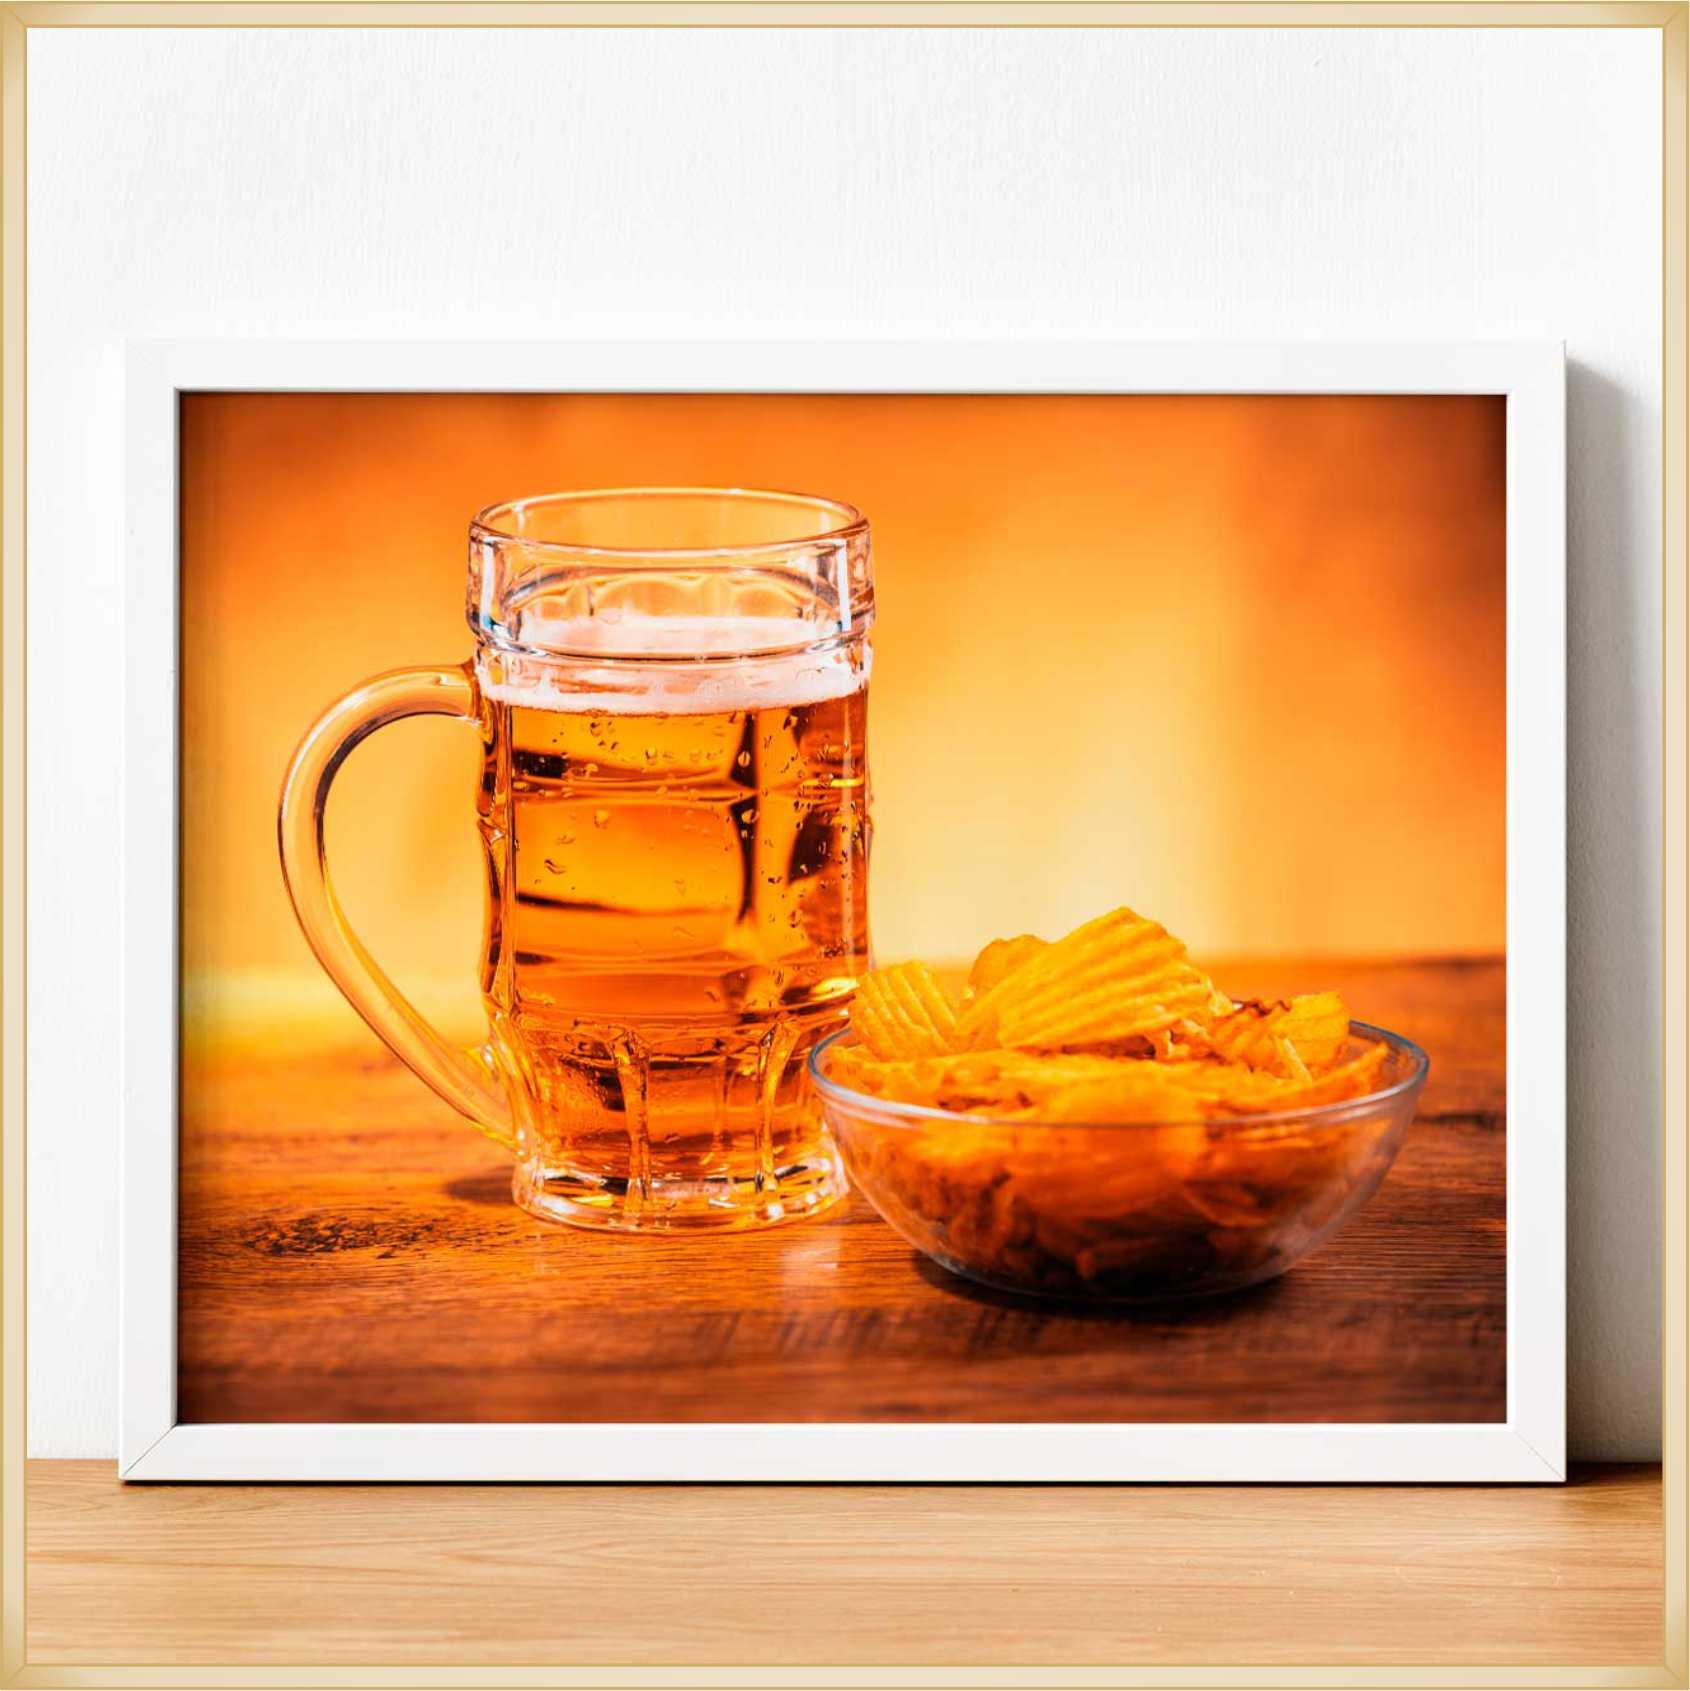 Quadros decorativos placas personalizadas Modelos Cerveja – Ótima qualidade, não risca, não desbota, acabamento perfeito, fixação com dupla face, Mdf 6 mm